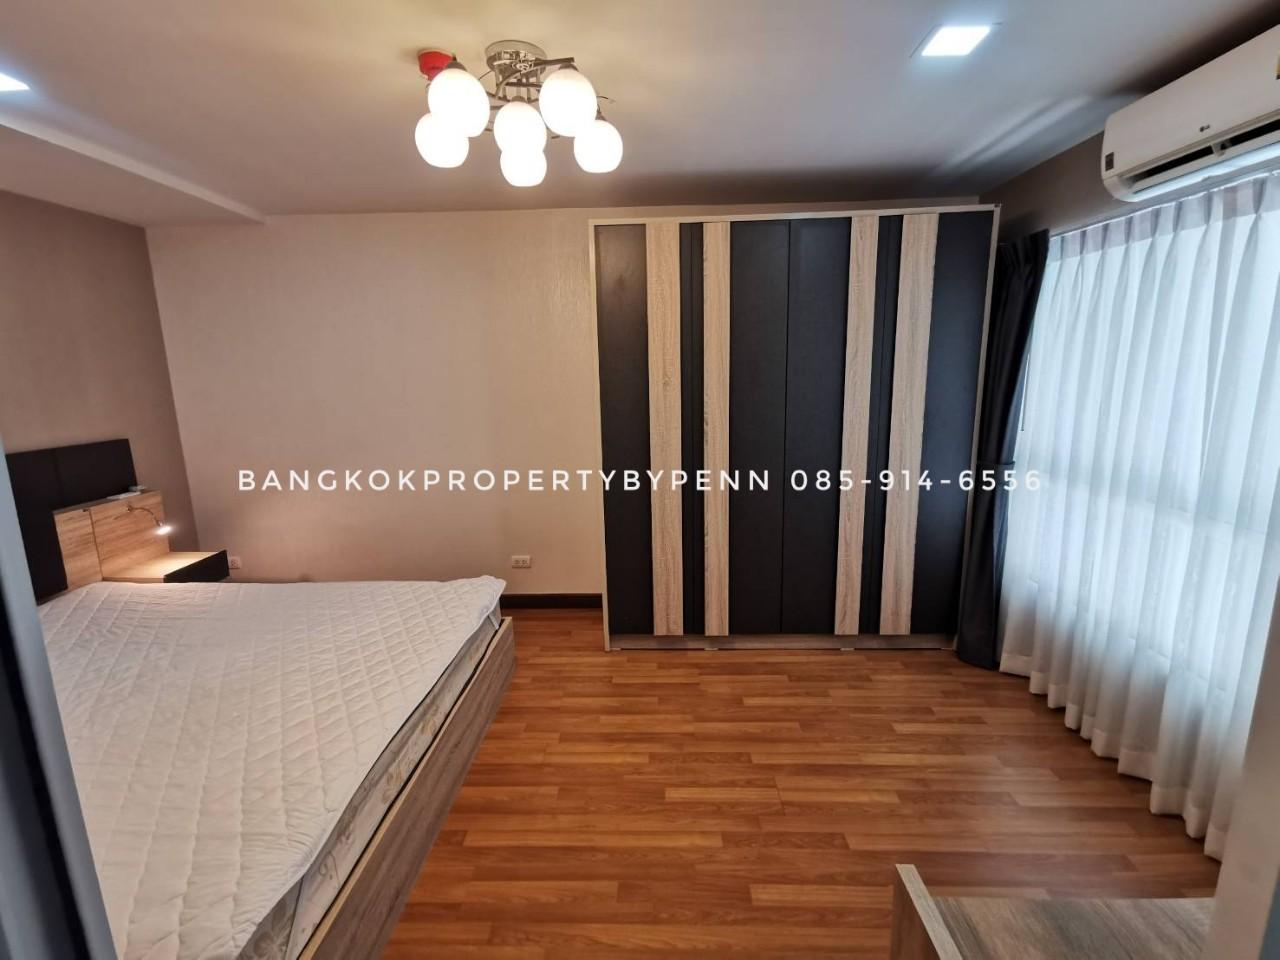 For Rent Condo Regent Orchid @ Taladplu  ***Special Price 11,000***